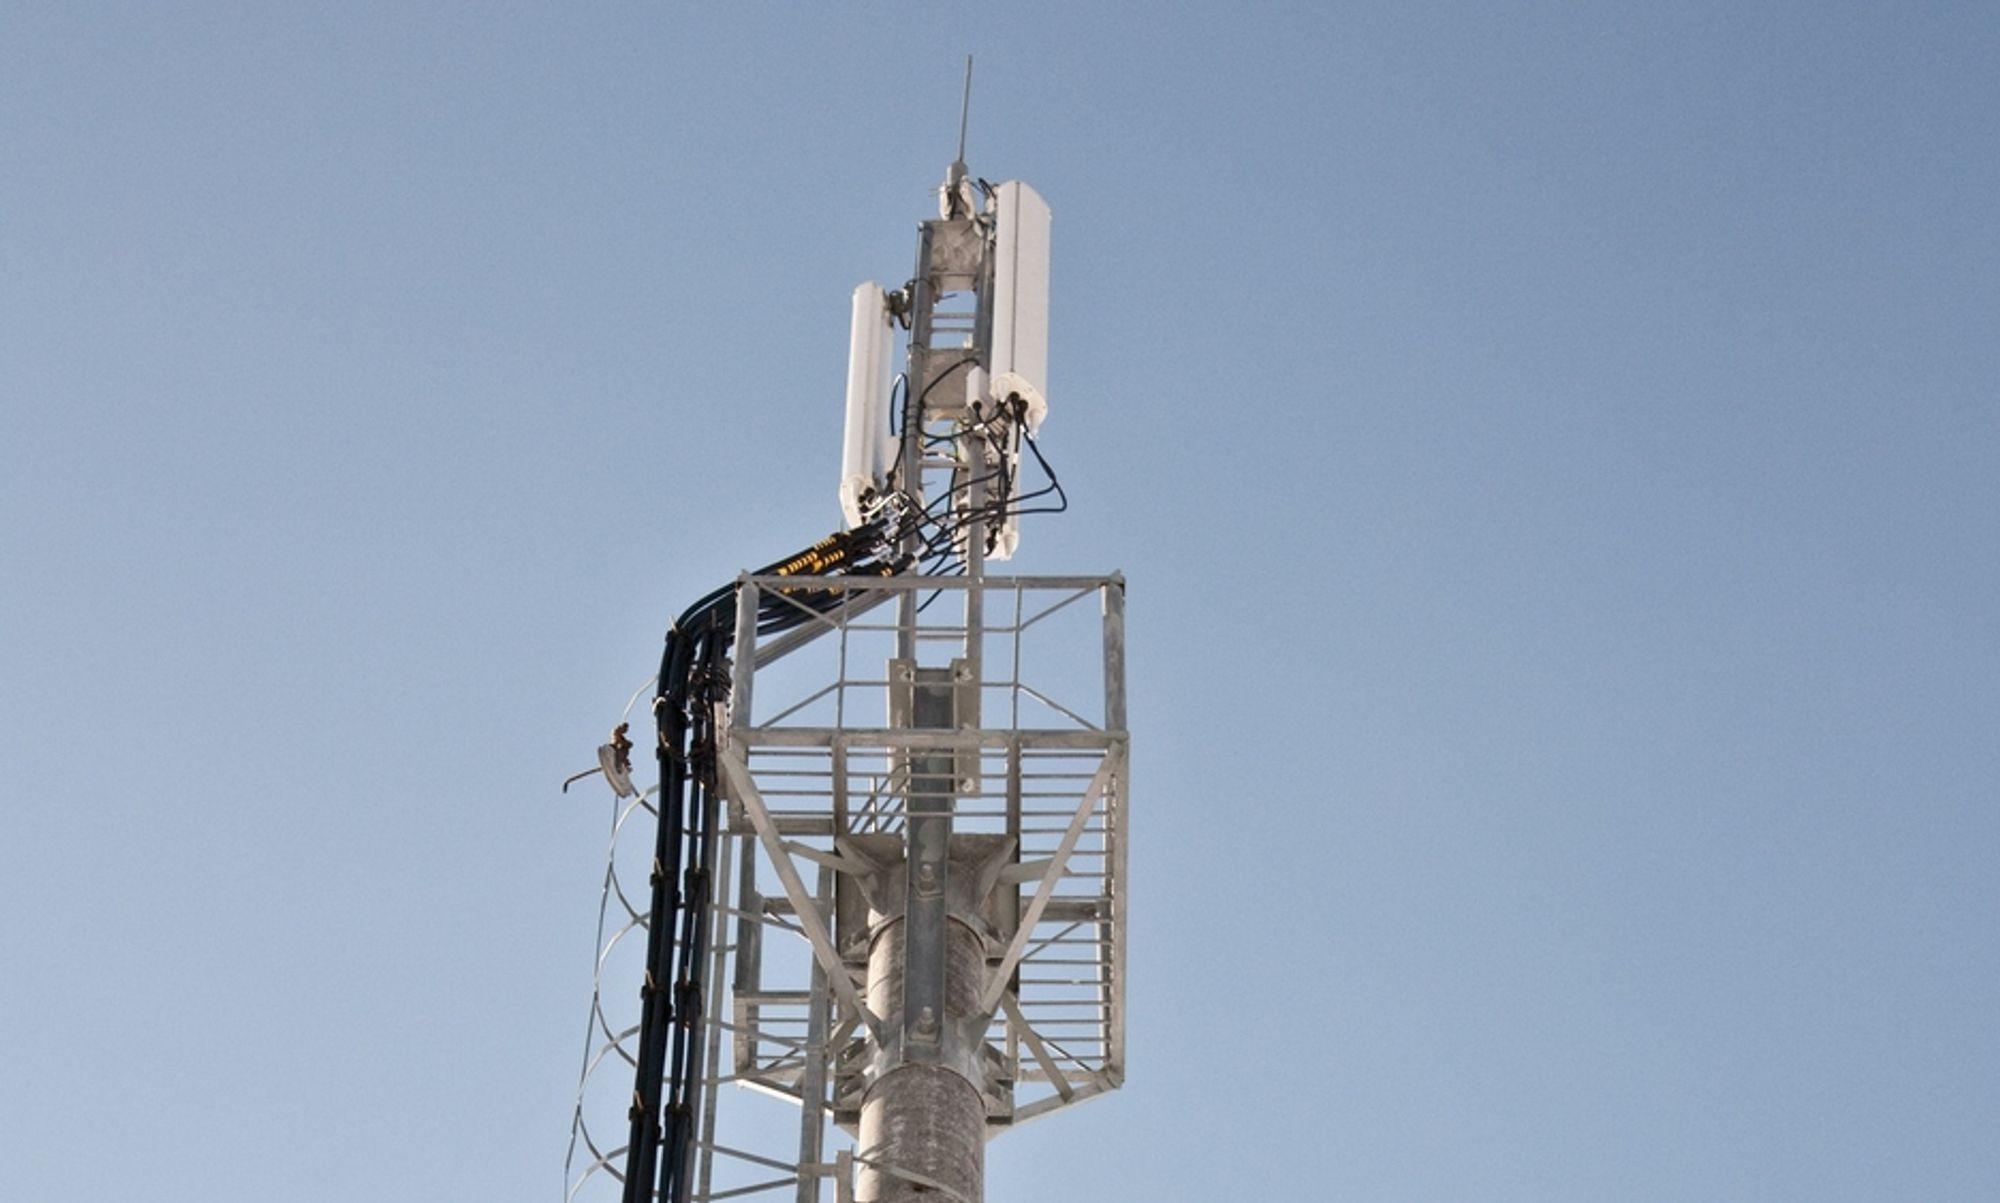 OPPGRADERING: Telia Danmark skal modernisere mobilnettet, og 3 av 4 innbyggere får tilgang til 4G i løpet av året.